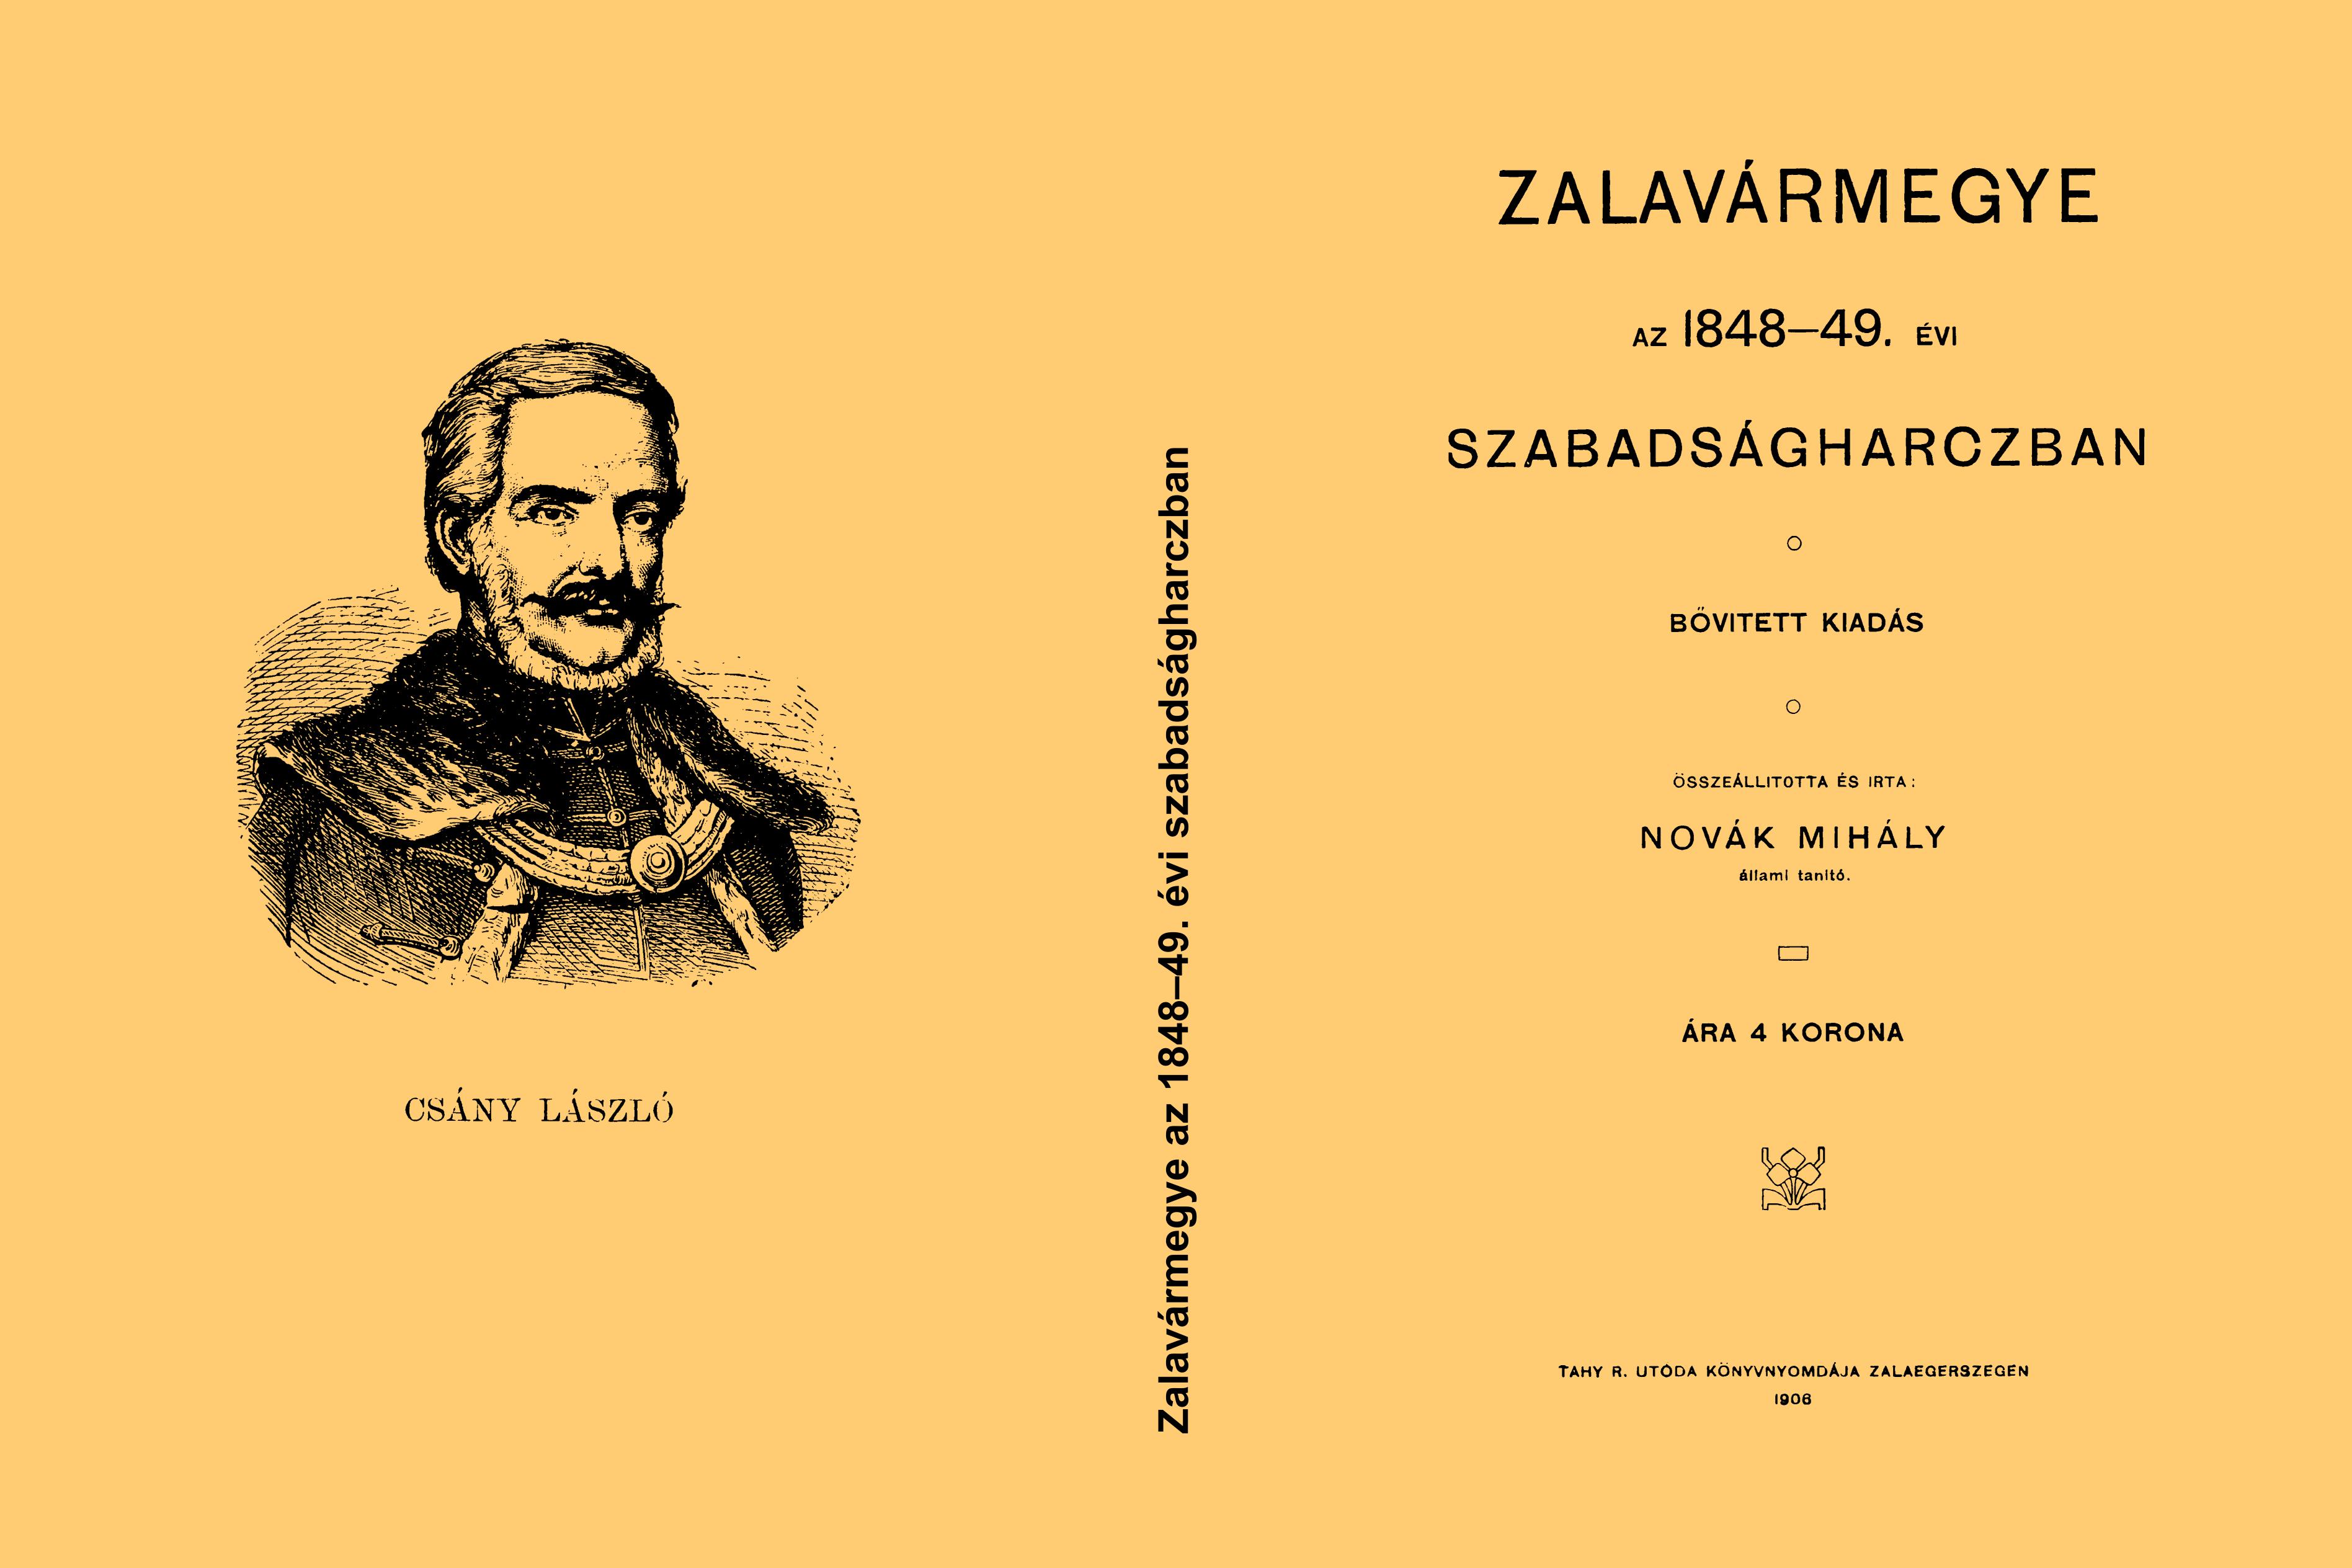 https://www.nagykar.hu/images/hirlevel/608/Zalavarmegye_az_1848-49._evi_szabadsagharczban_borito.PNG